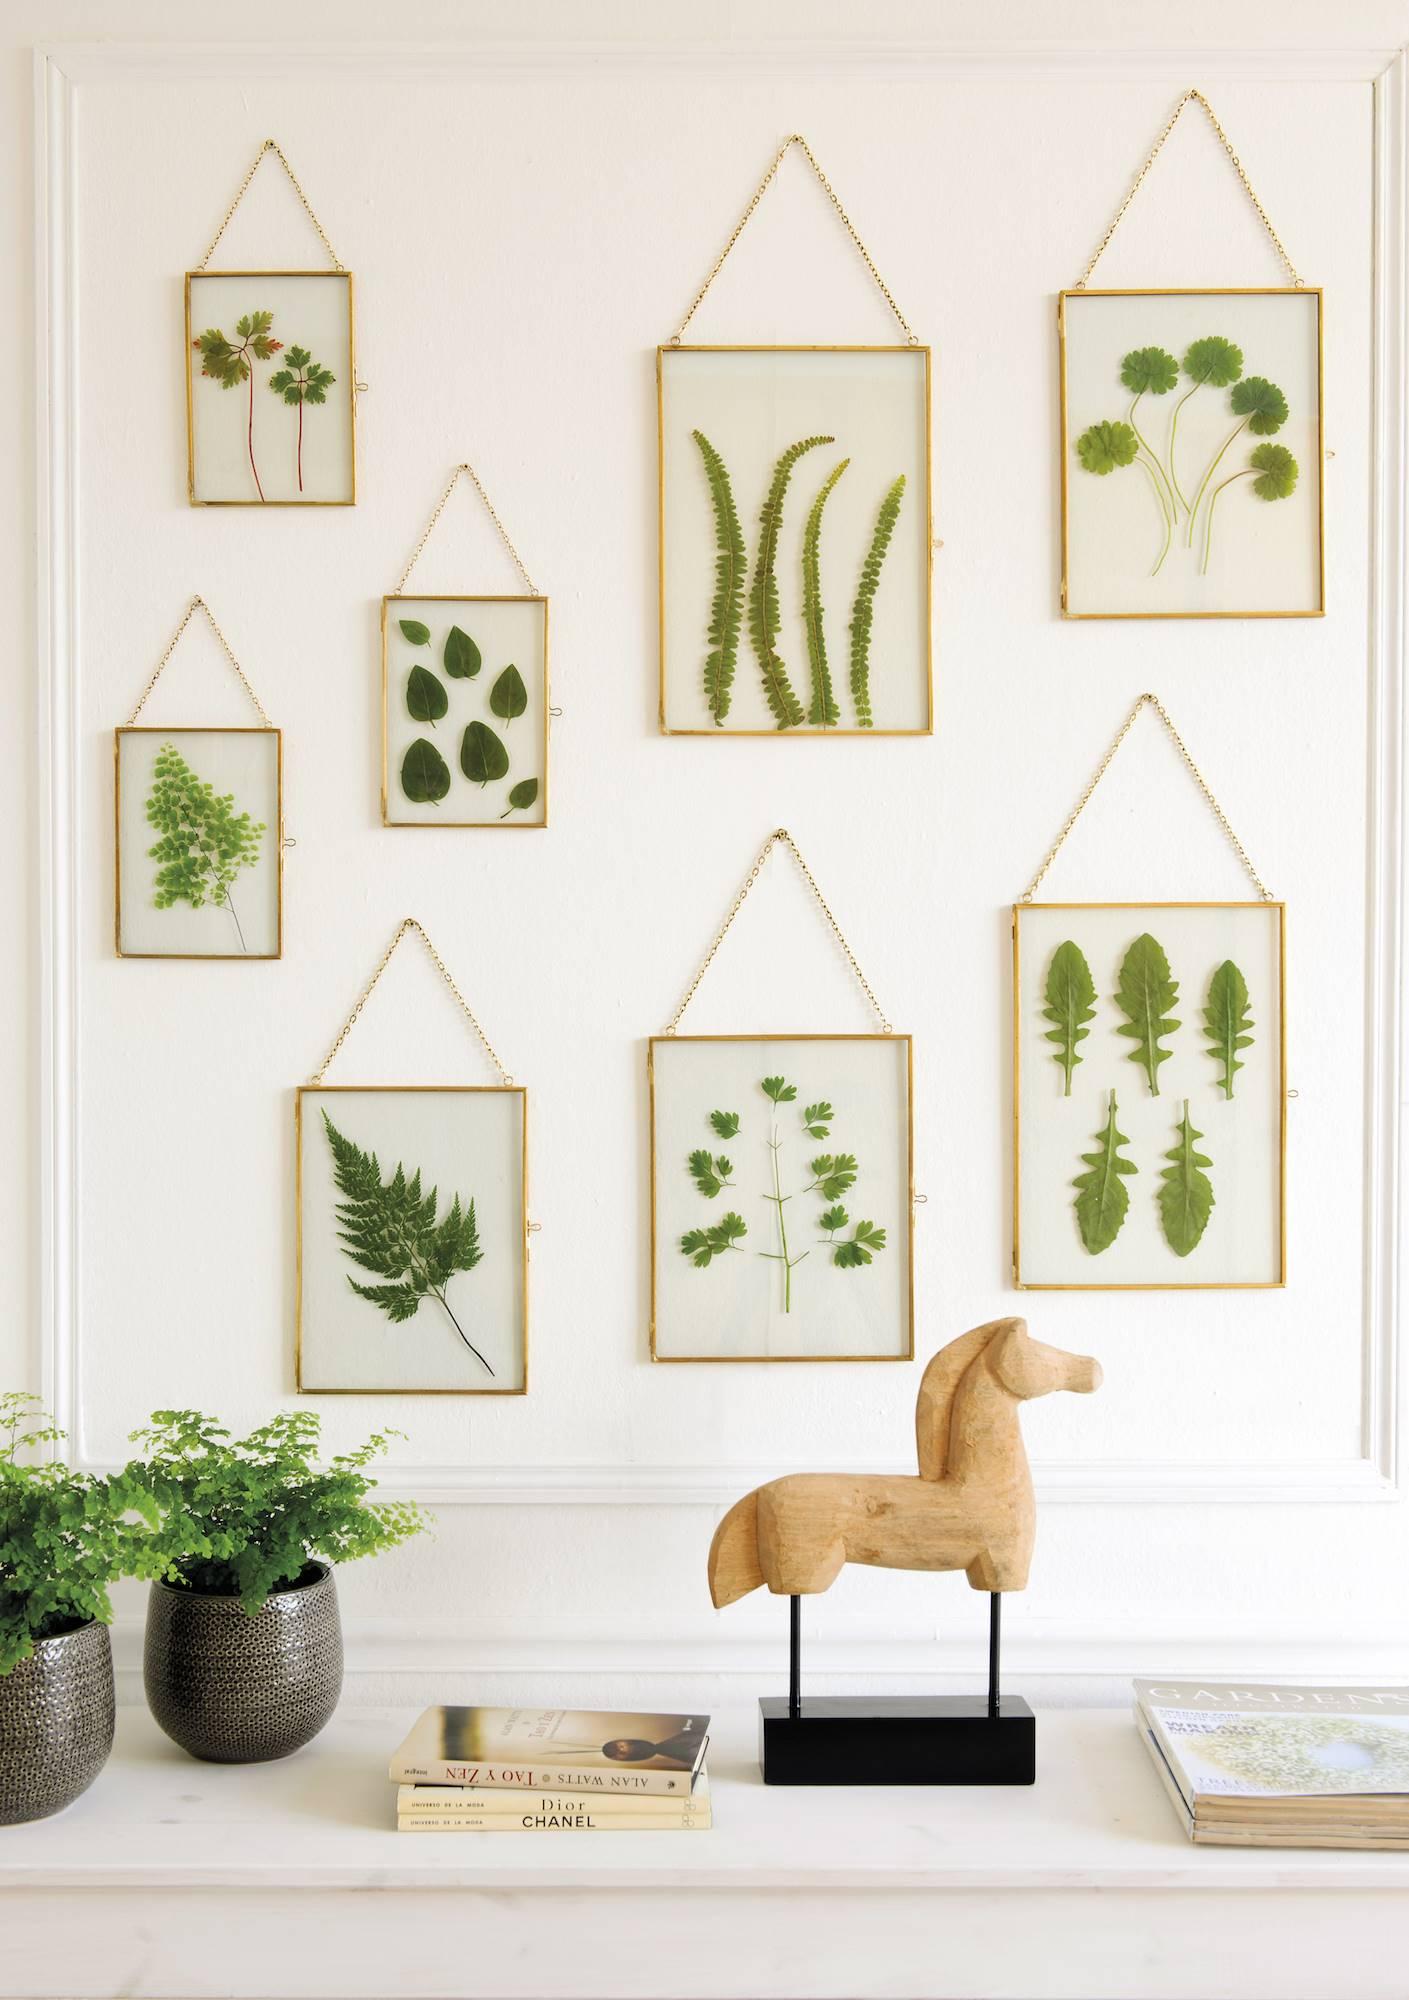 cuadros hechos con hojas verdes 00451421. Cuadros con hojas secas f9769ef08eae